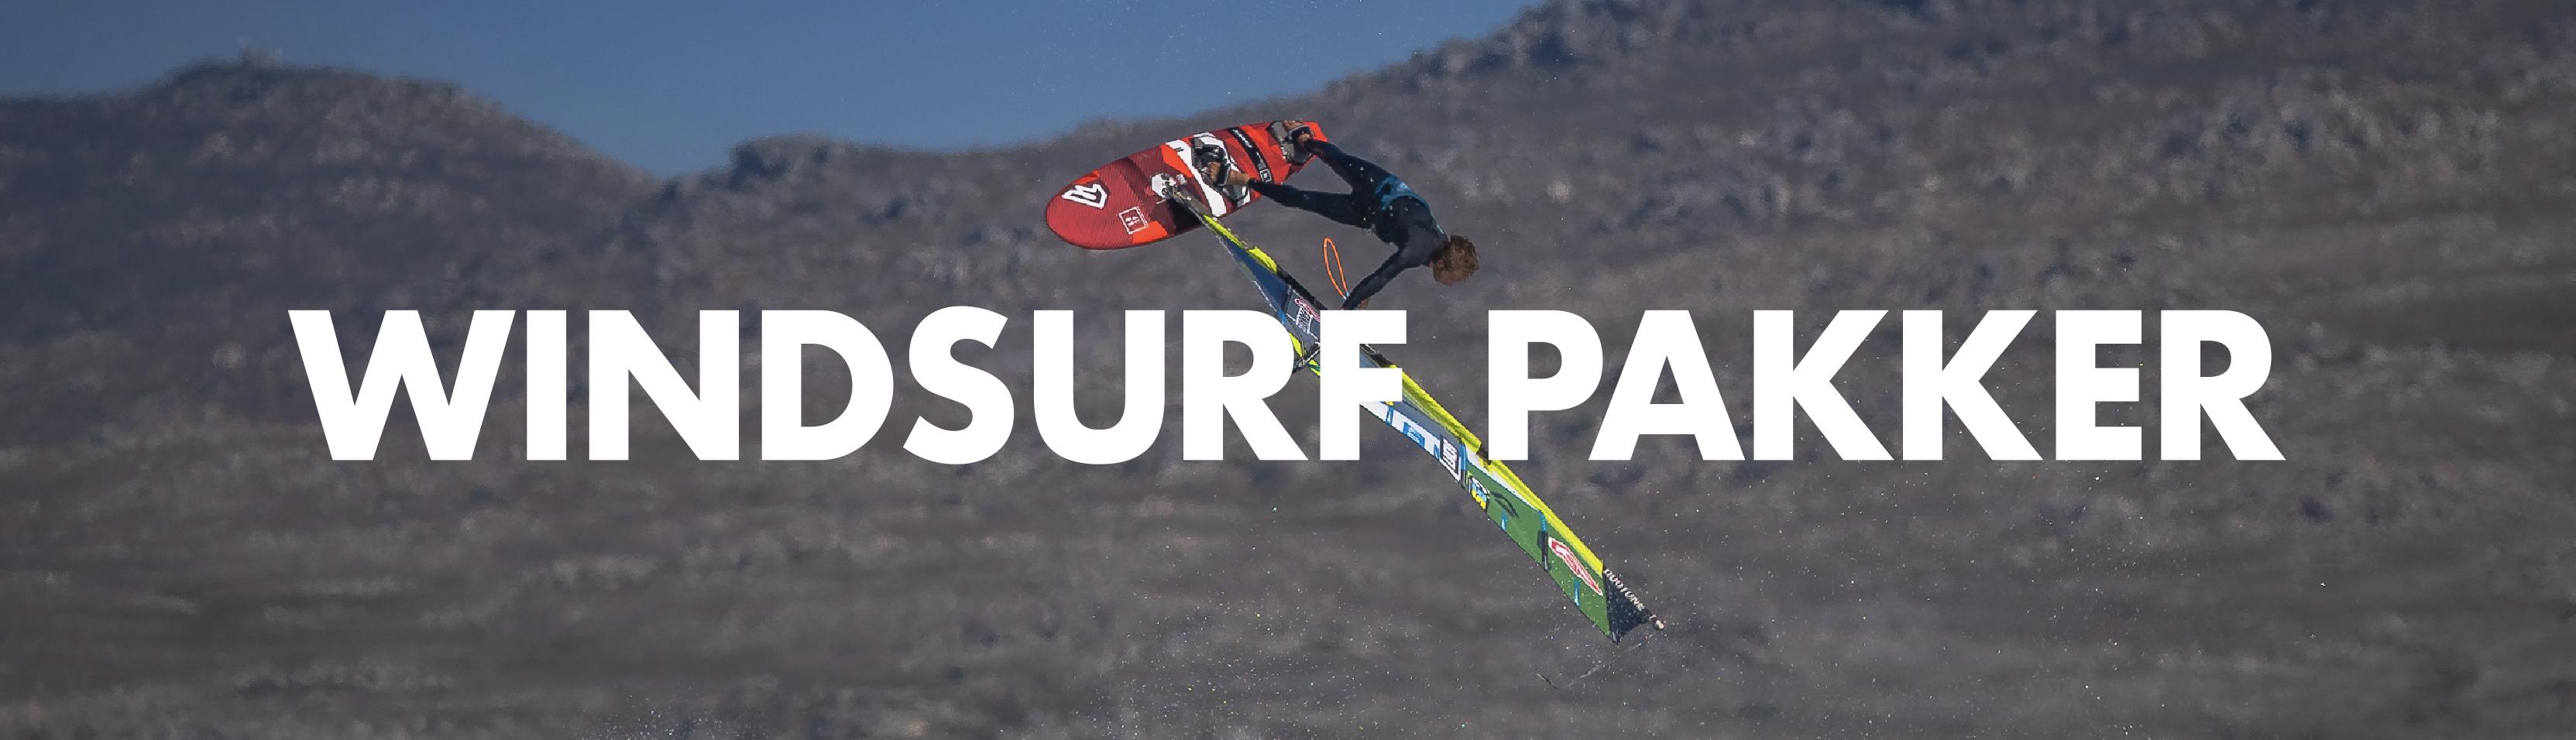 Windsurf Pakker - Surf og ski Horsens